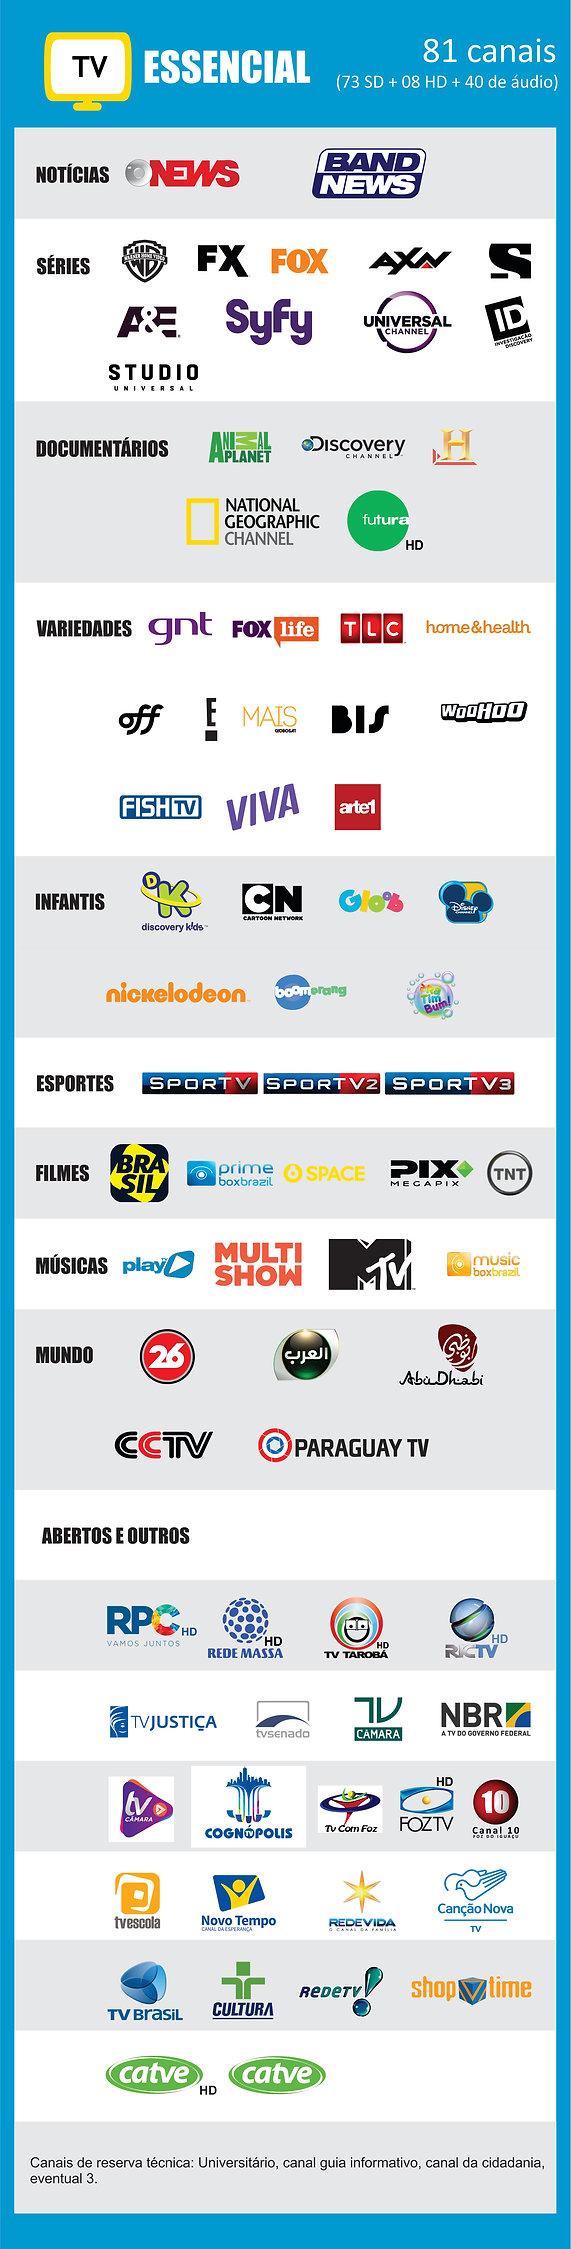 CANAIS PACOTE ESSENCIAL NET.jpg